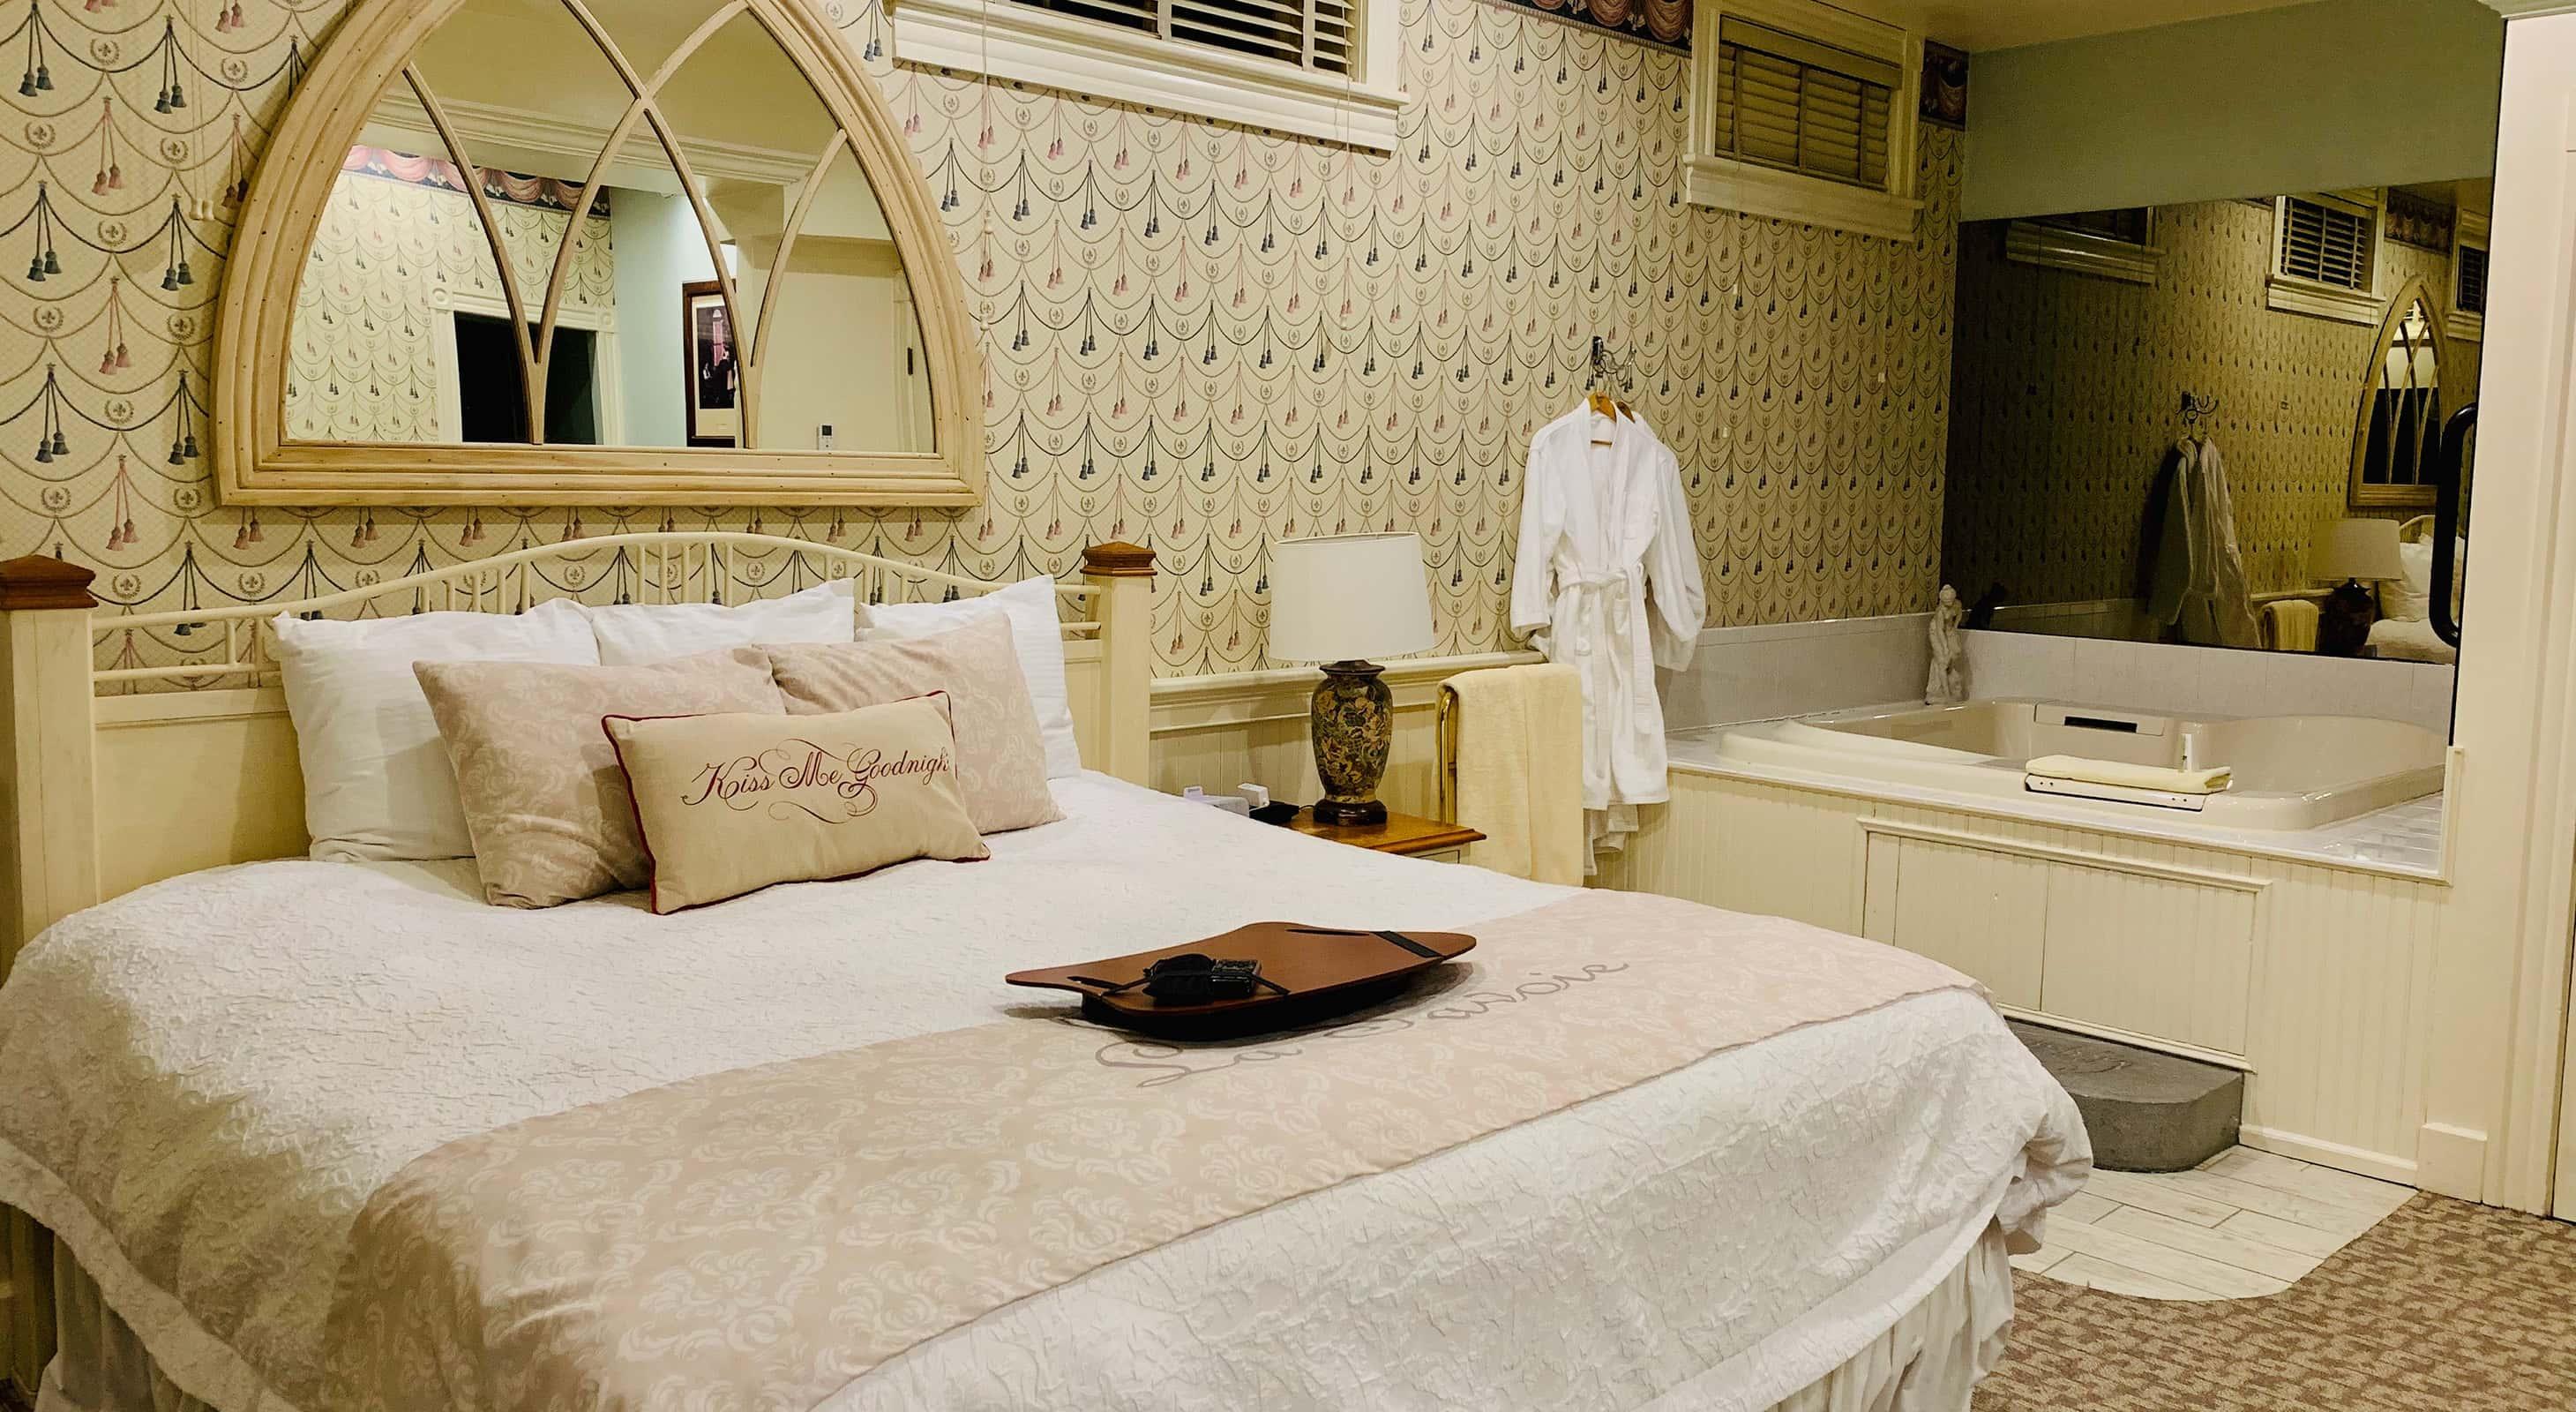 La Savoie Deluxe room